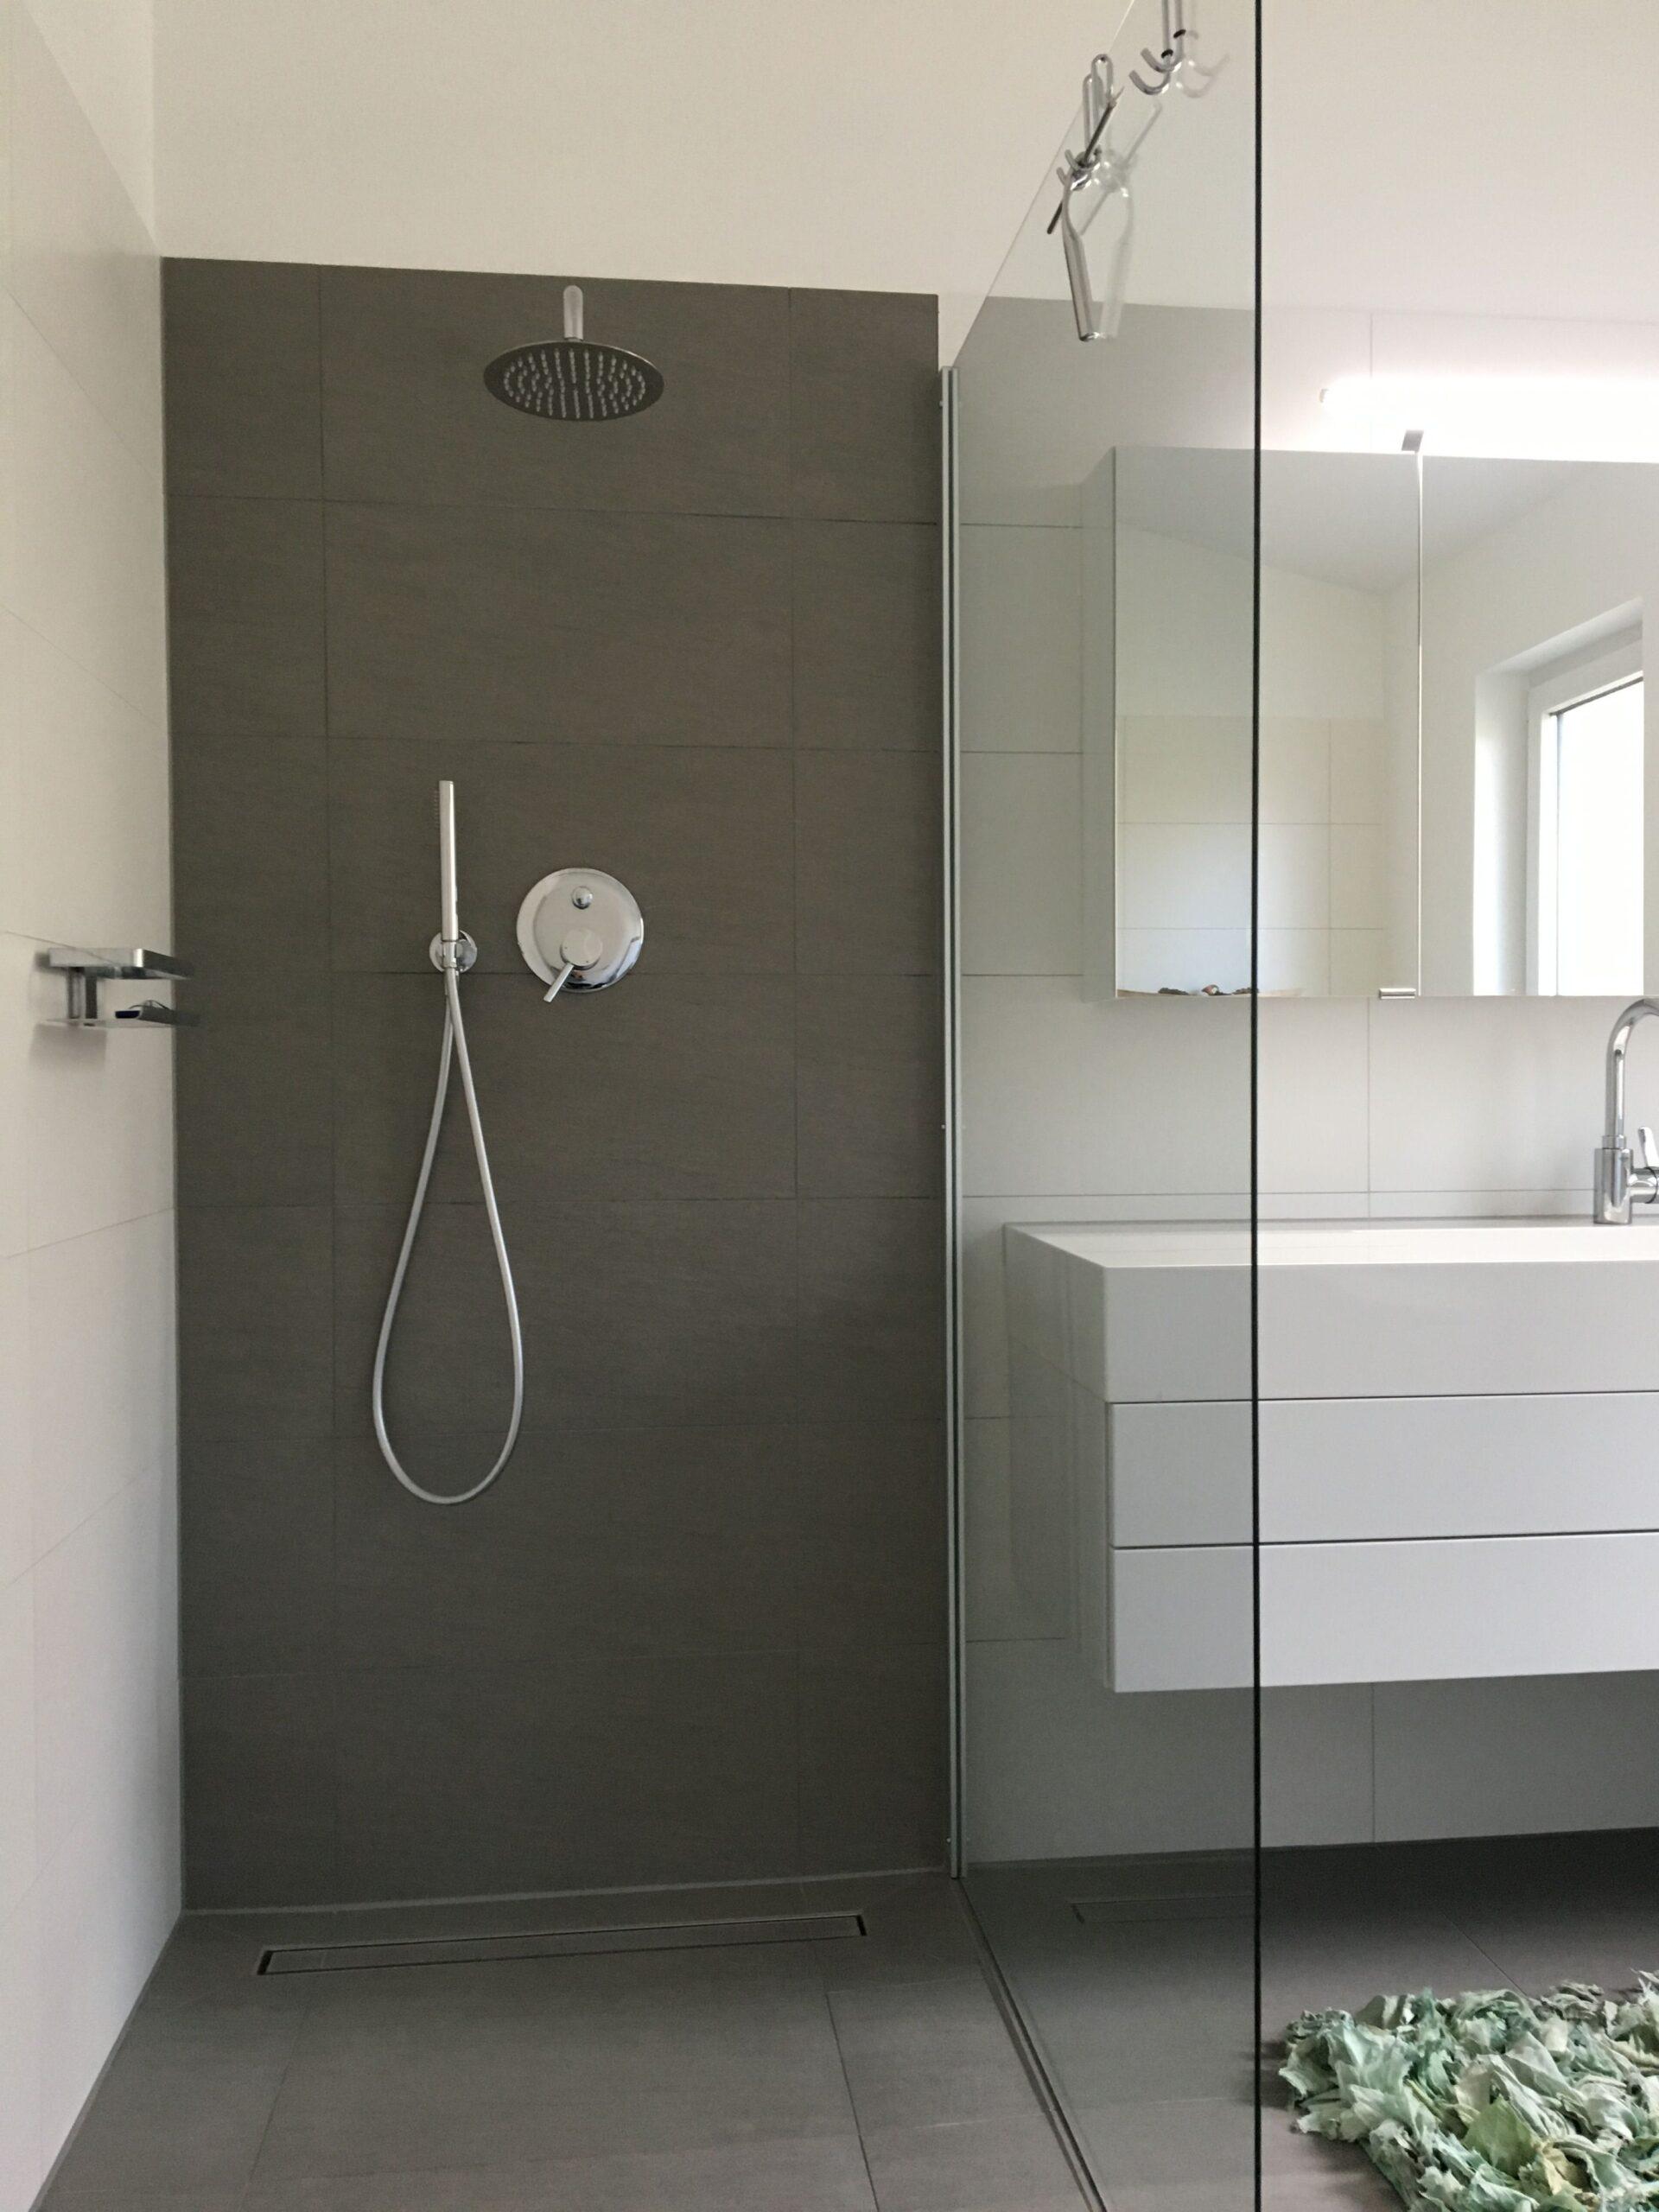 Full Size of Glastrennwand Dusche Badezimmer Fliesen Wasseranschluss Hinter Der Wand Begehbare Duschen Kaufen Einhebelmischer Behindertengerechte Mischbatterie Grohe Dusche Glastrennwand Dusche